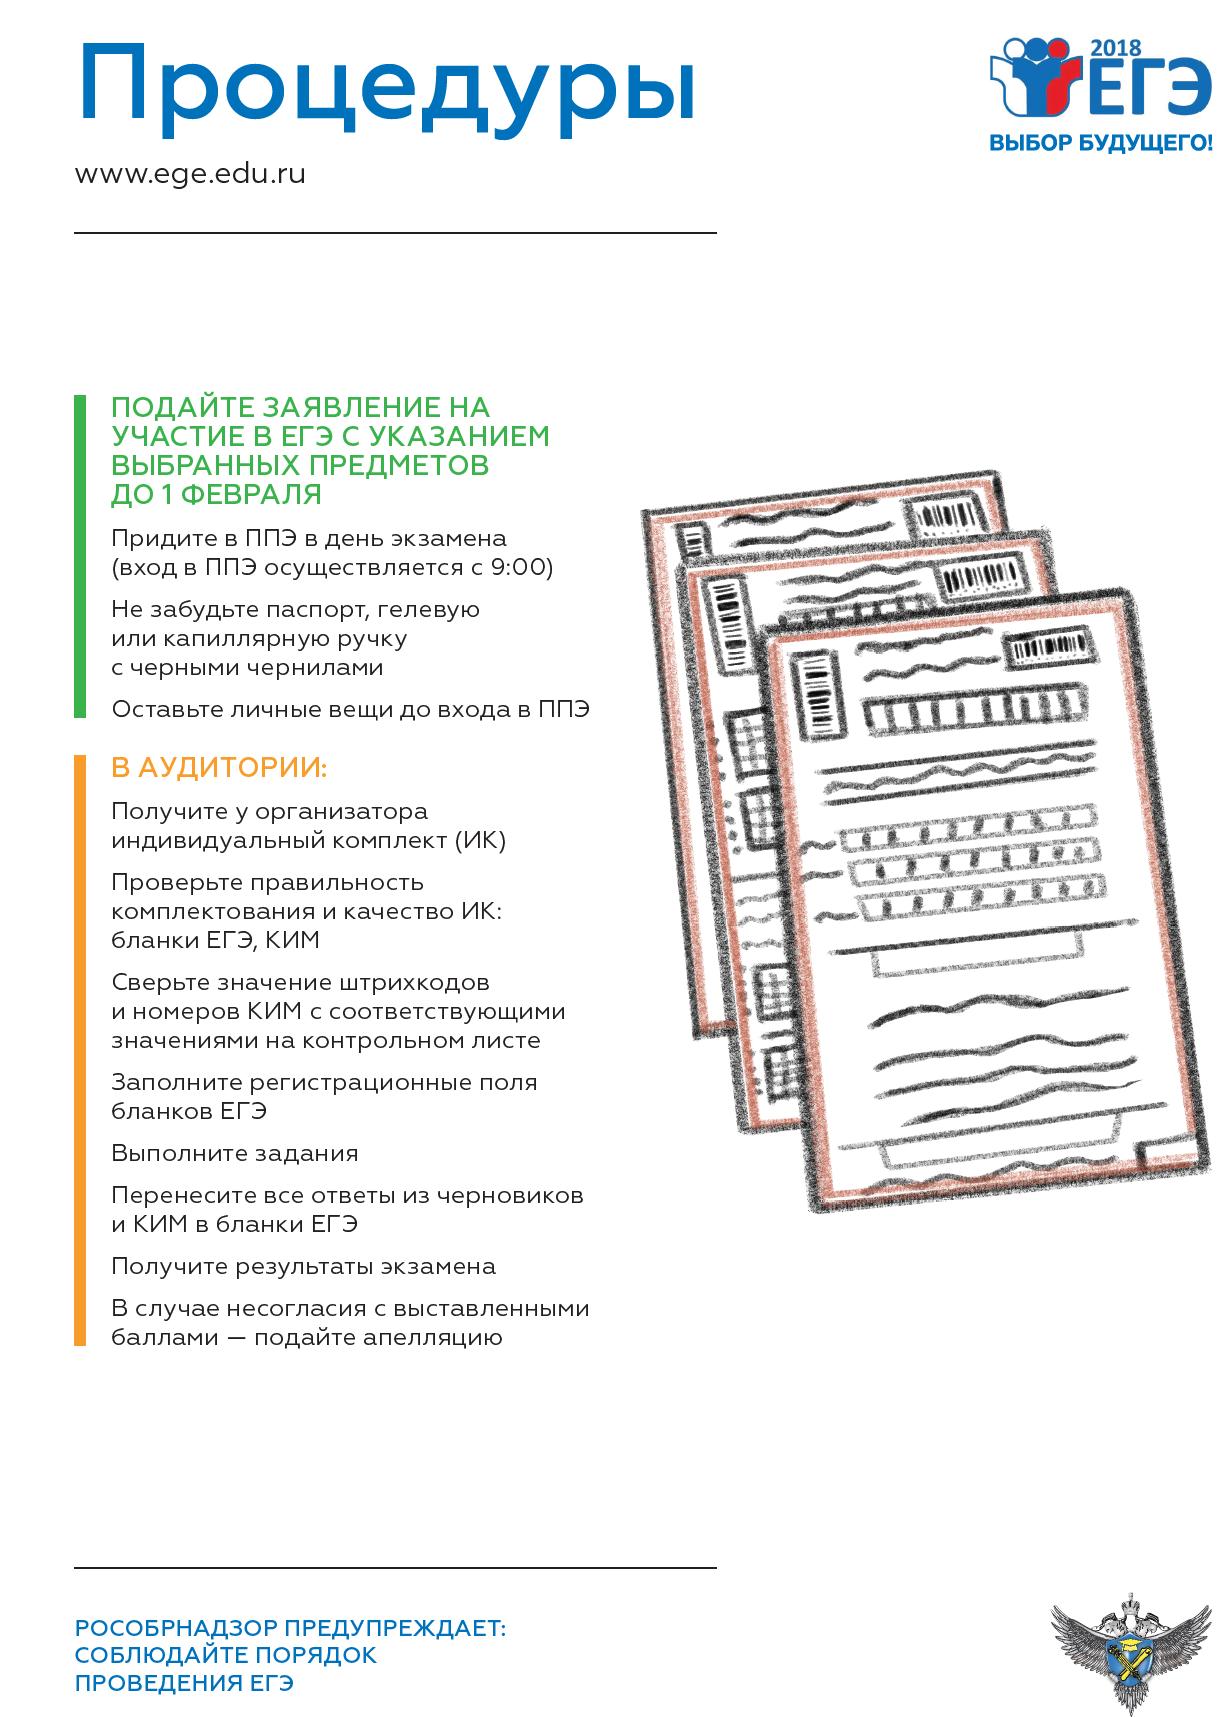 9 класс гиа-2018 по обществознанию кодификатор и спецификация